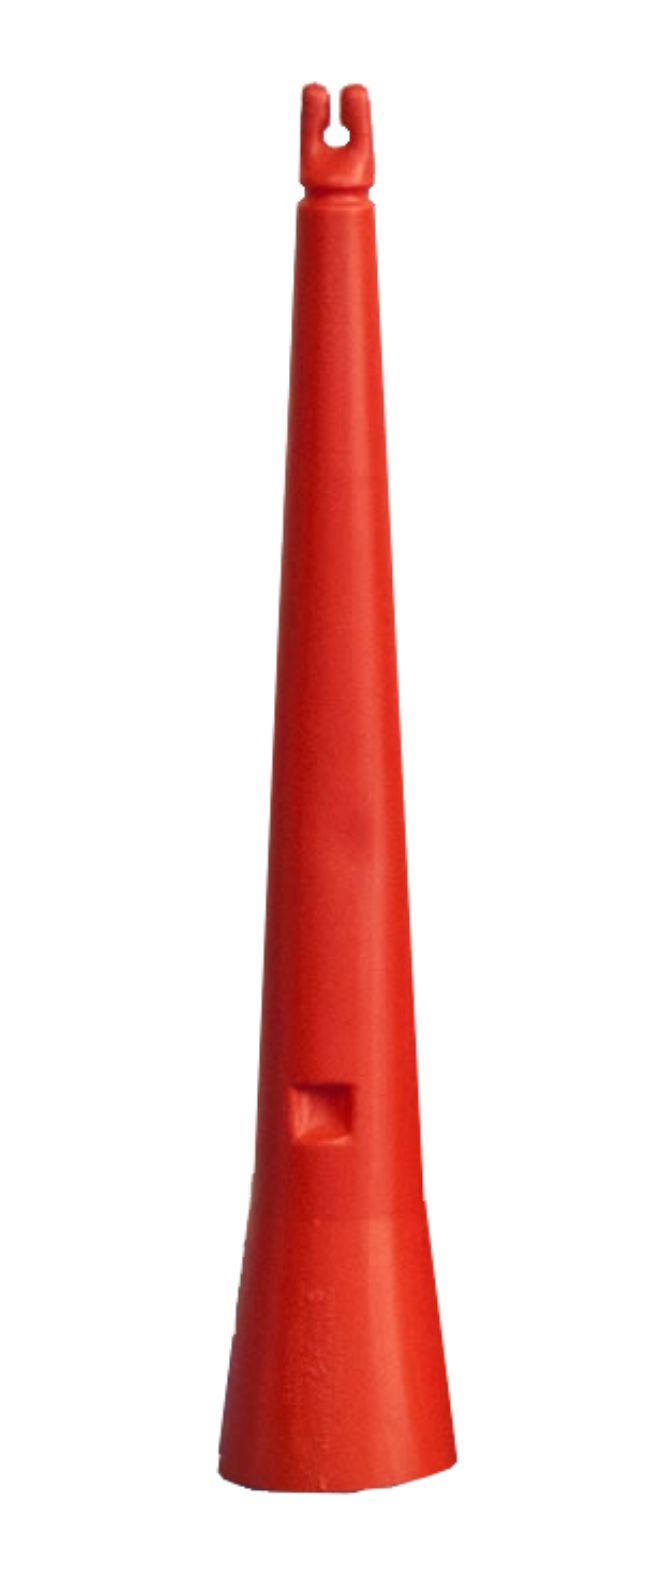 Traffic Hazard Cone Extender